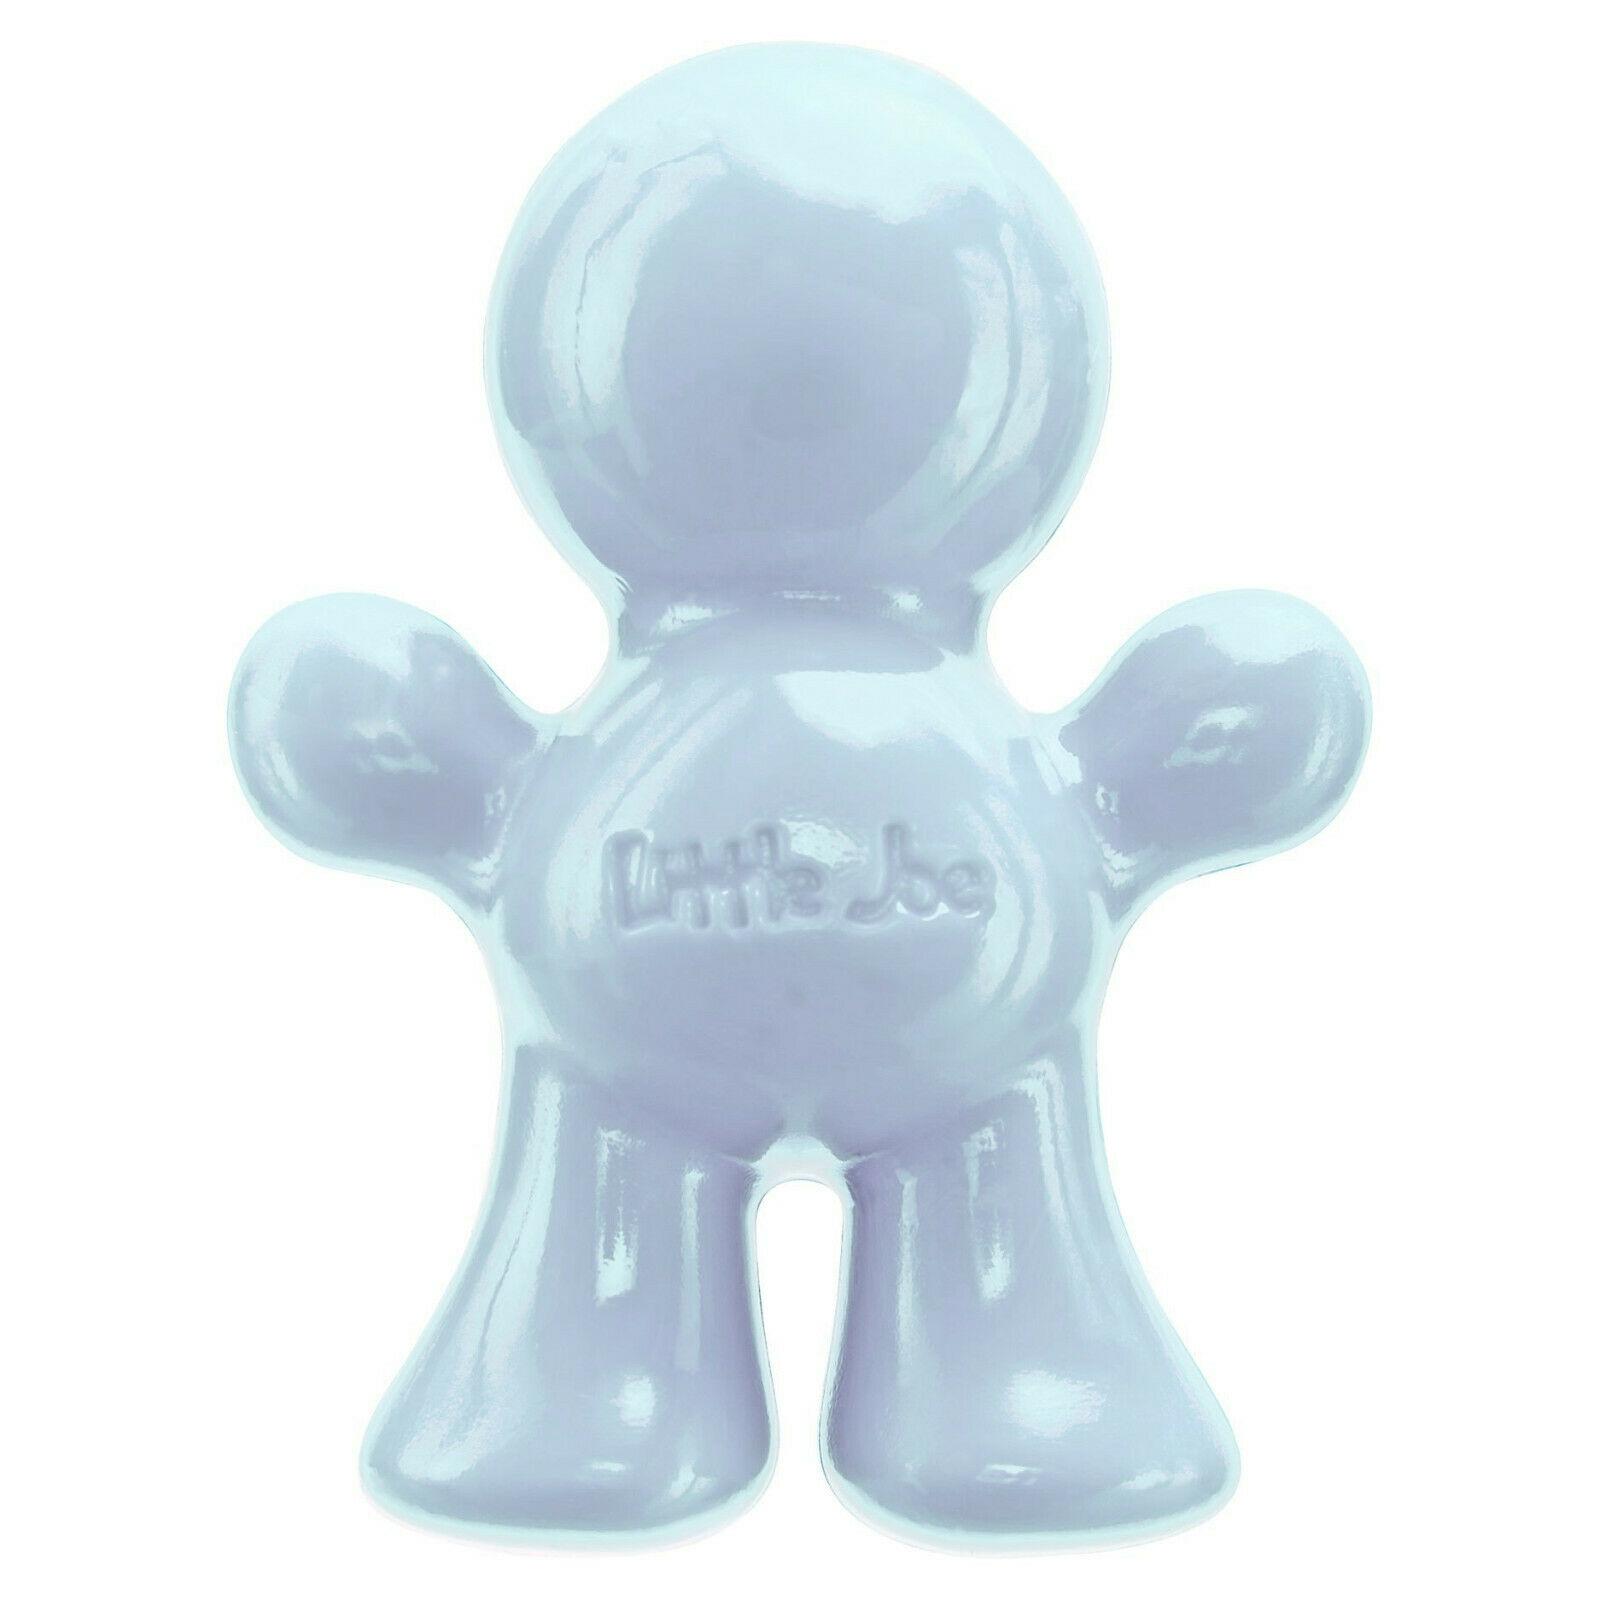 Little Joe Lufterfrischer - Auswahl: Sweet